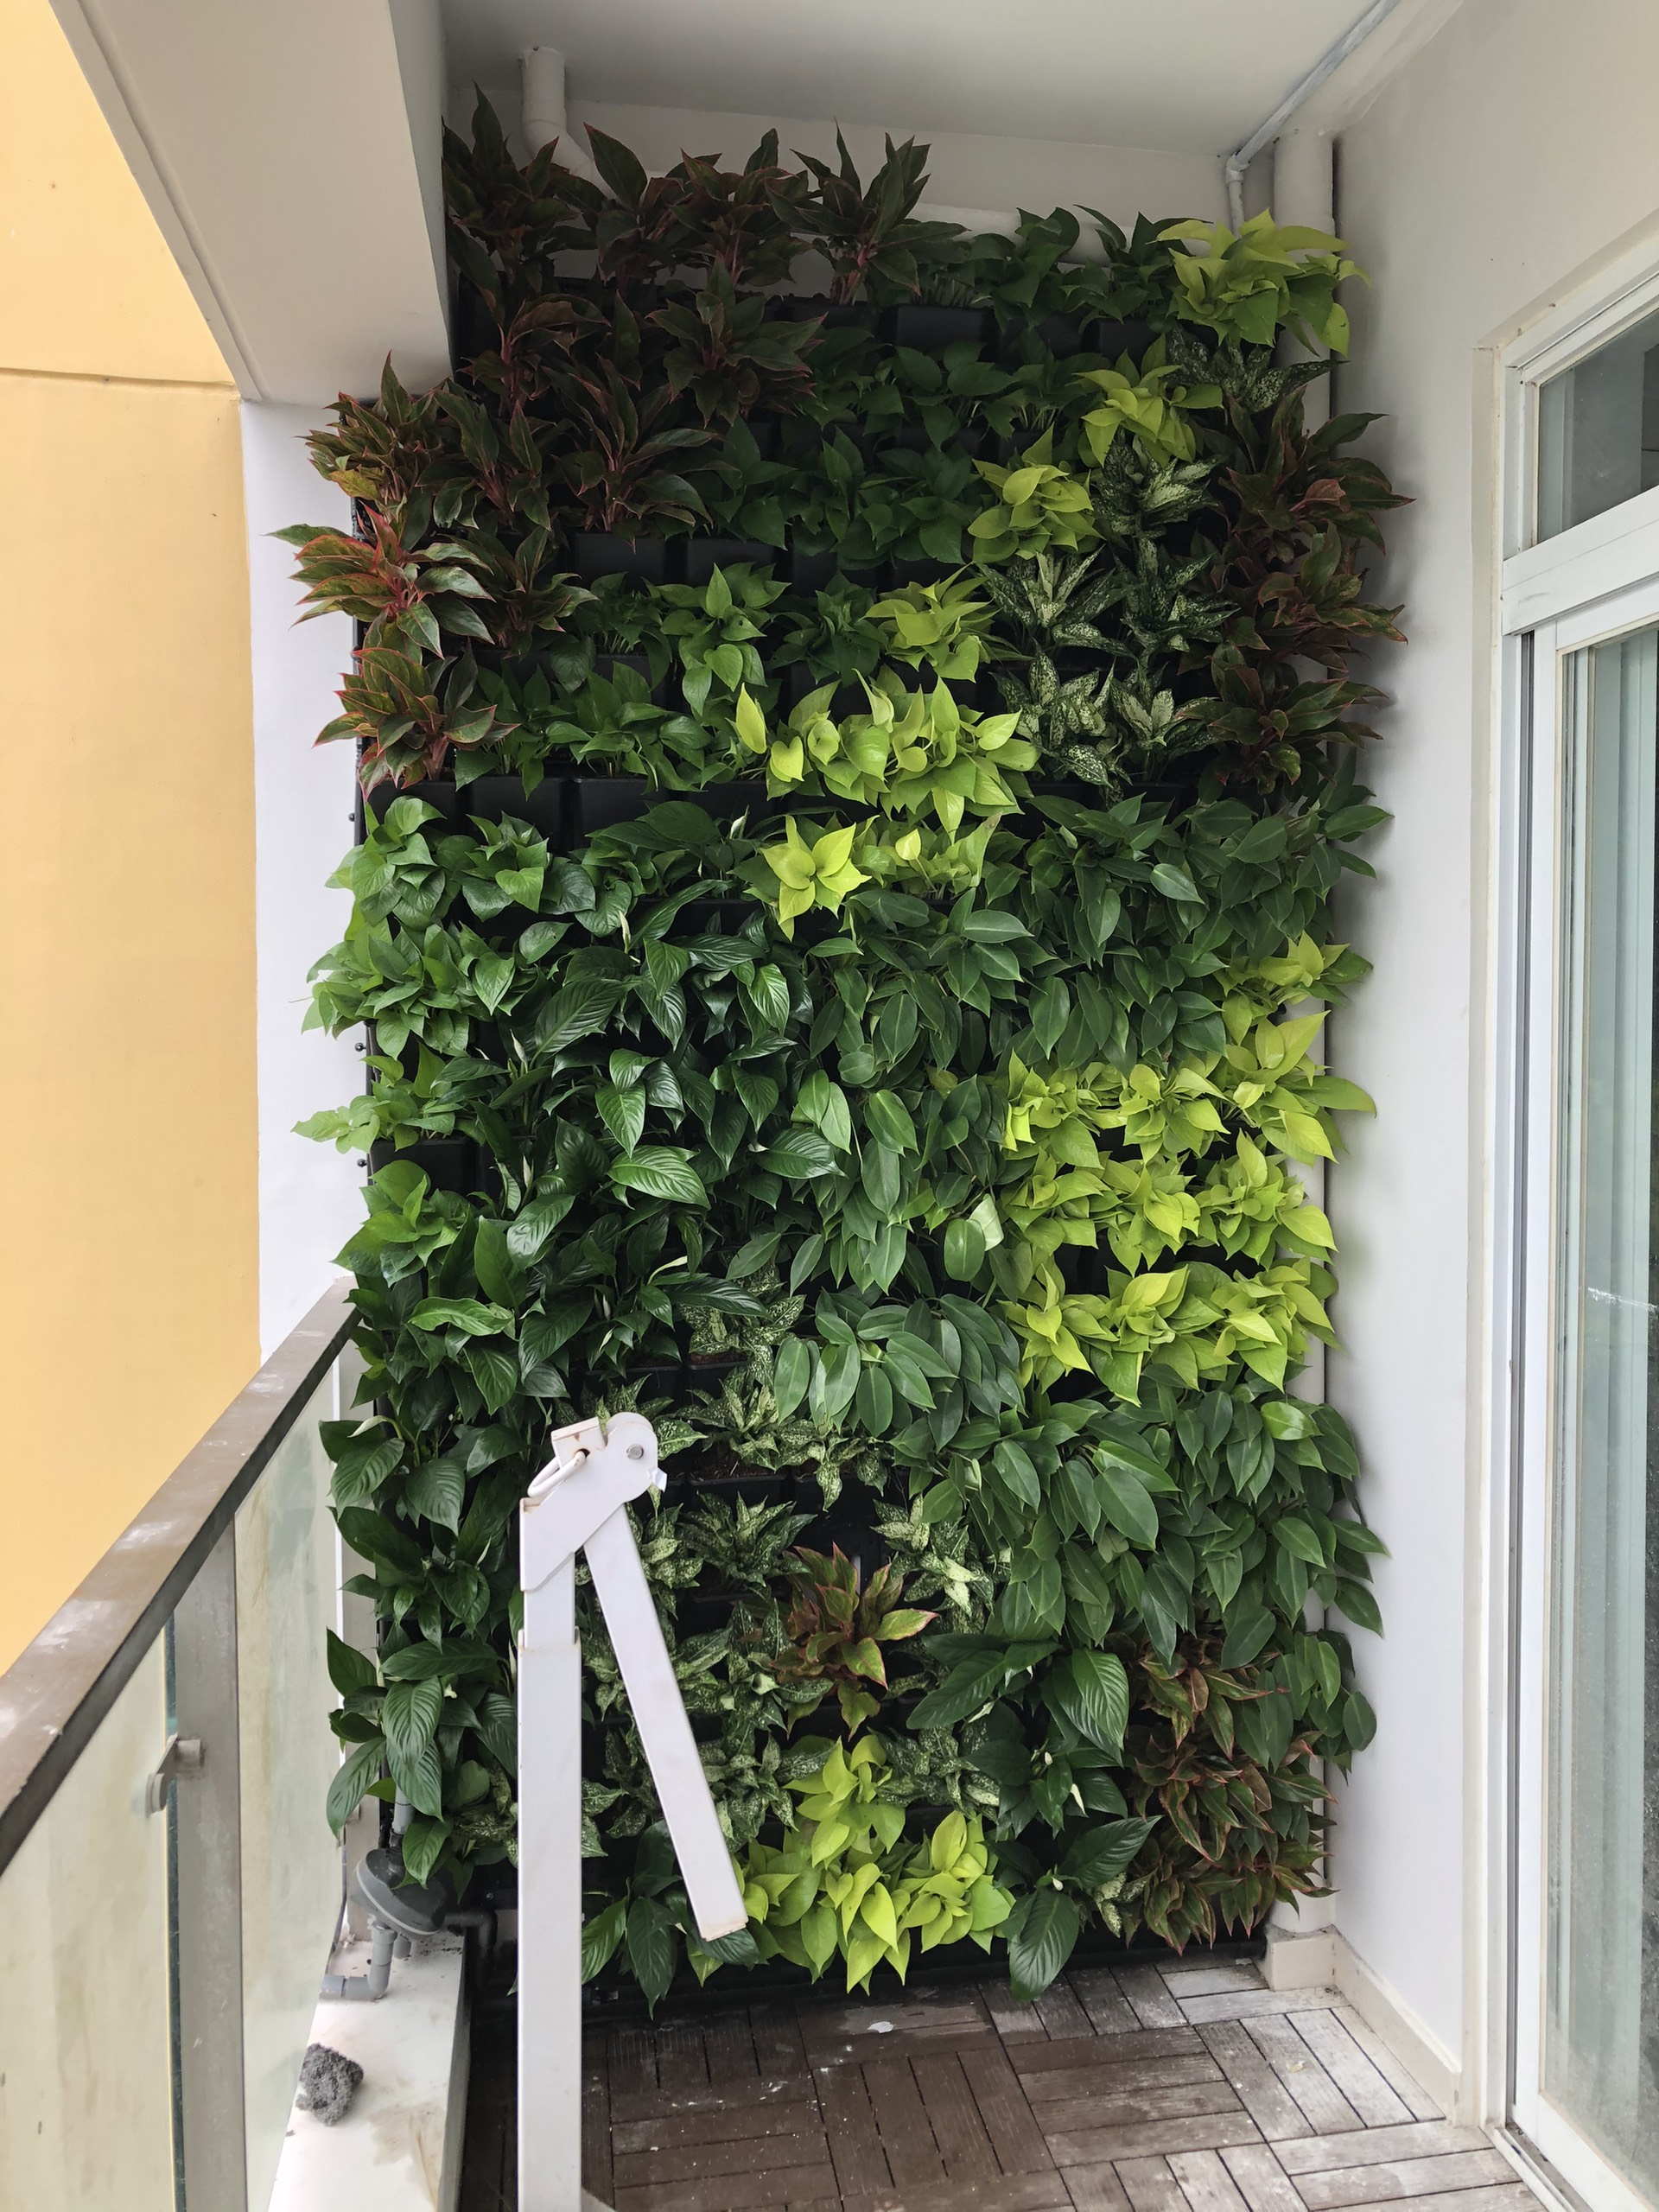 Quang Anh HCM - Thi công vườn tường đứng trên ban công đẹp như mơ tại chung cư Quận 7!